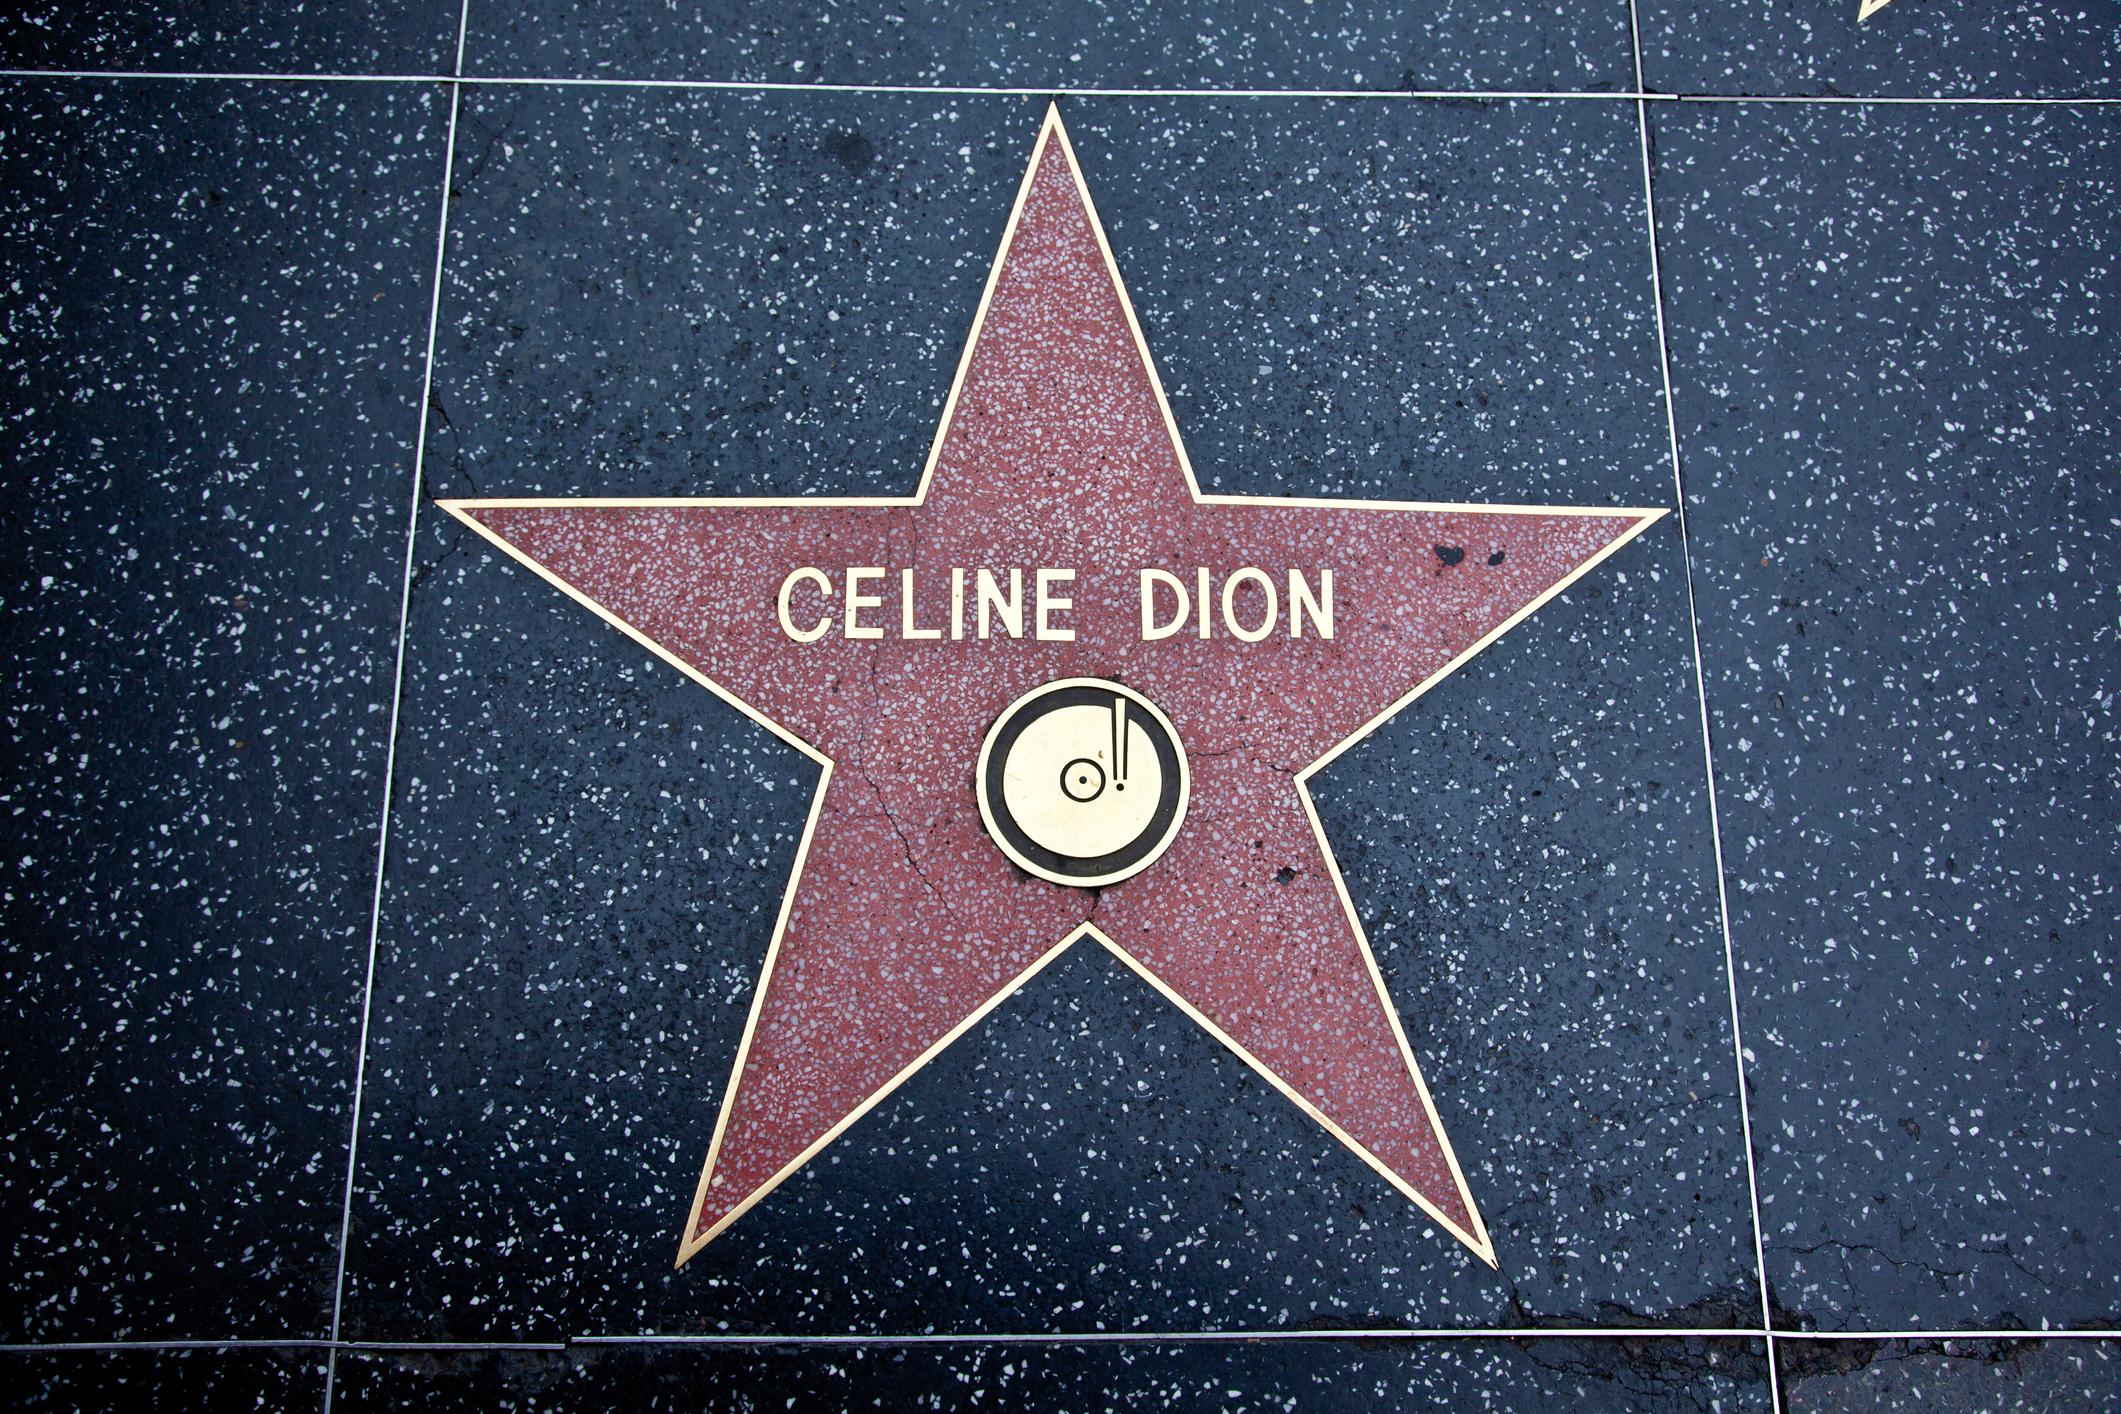 Celine  Dion  og  verdensherredømme